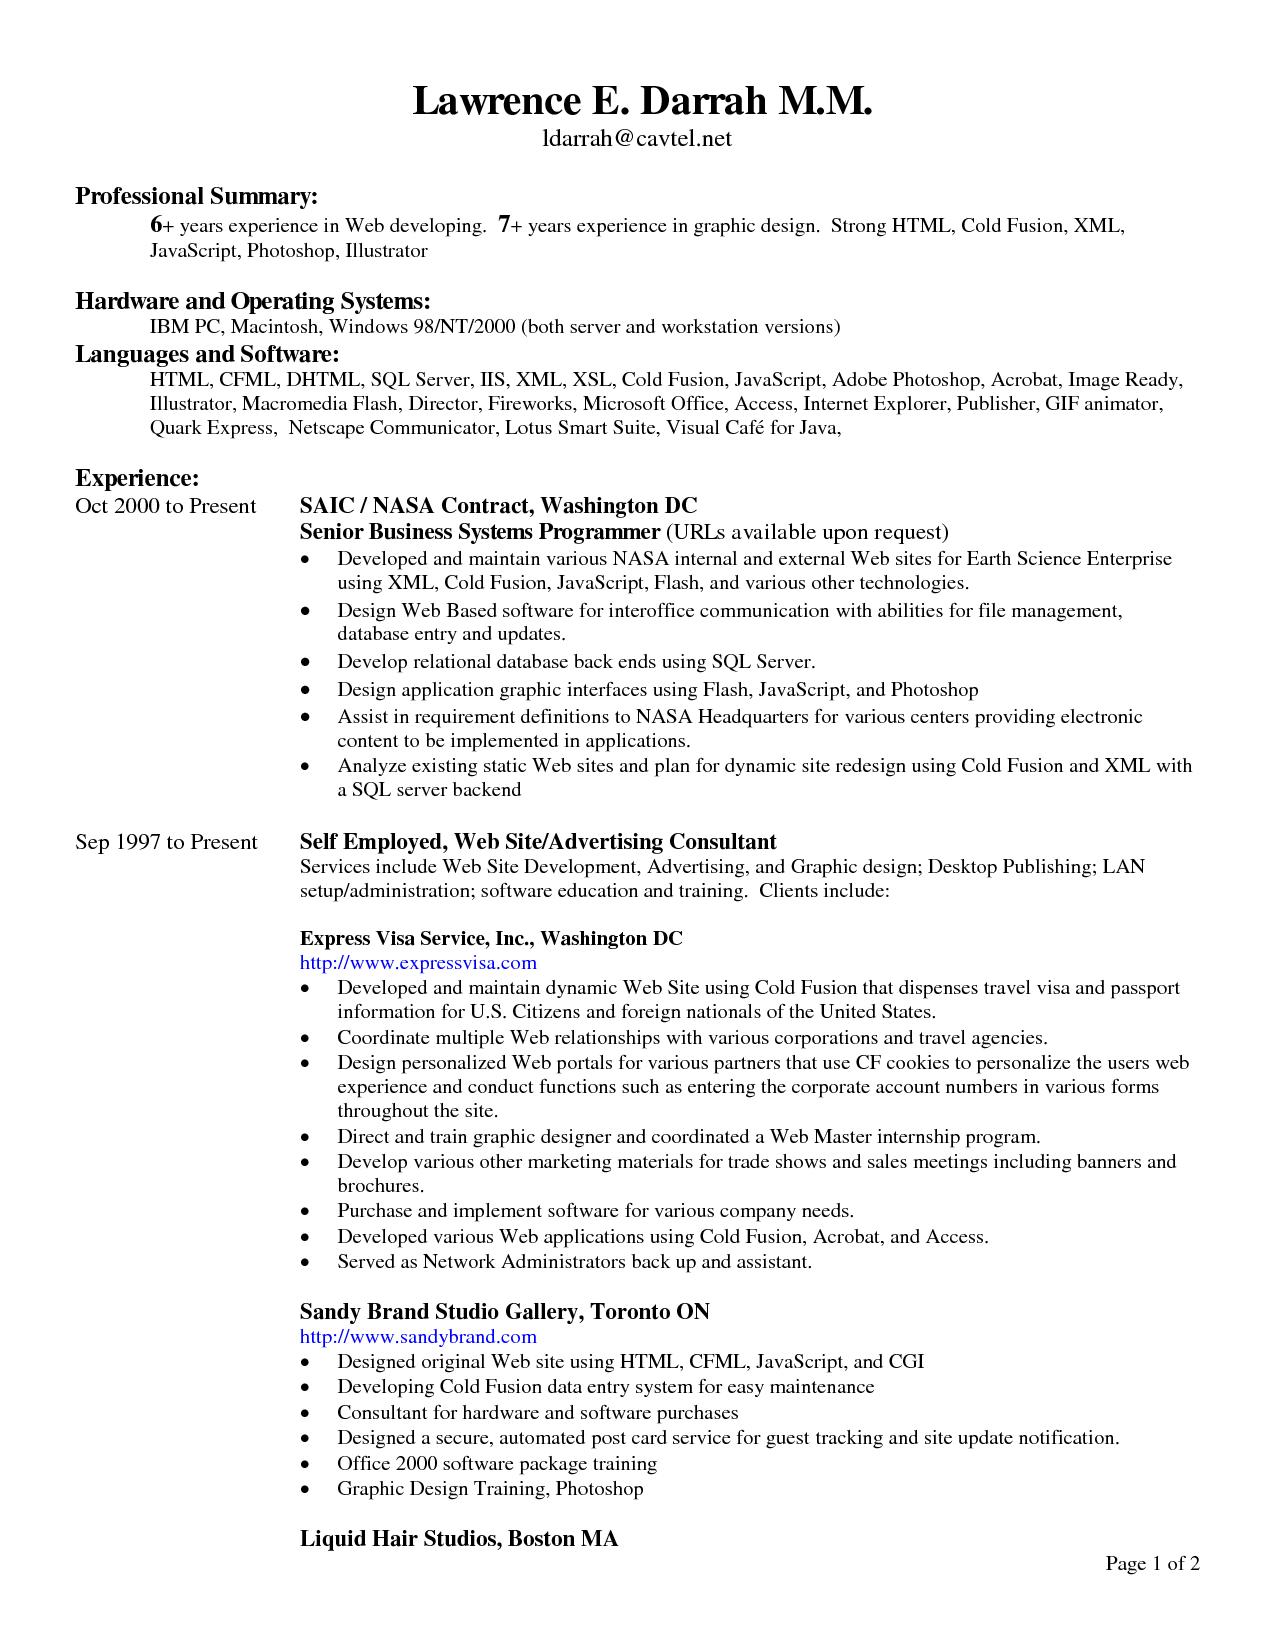 resume headings order